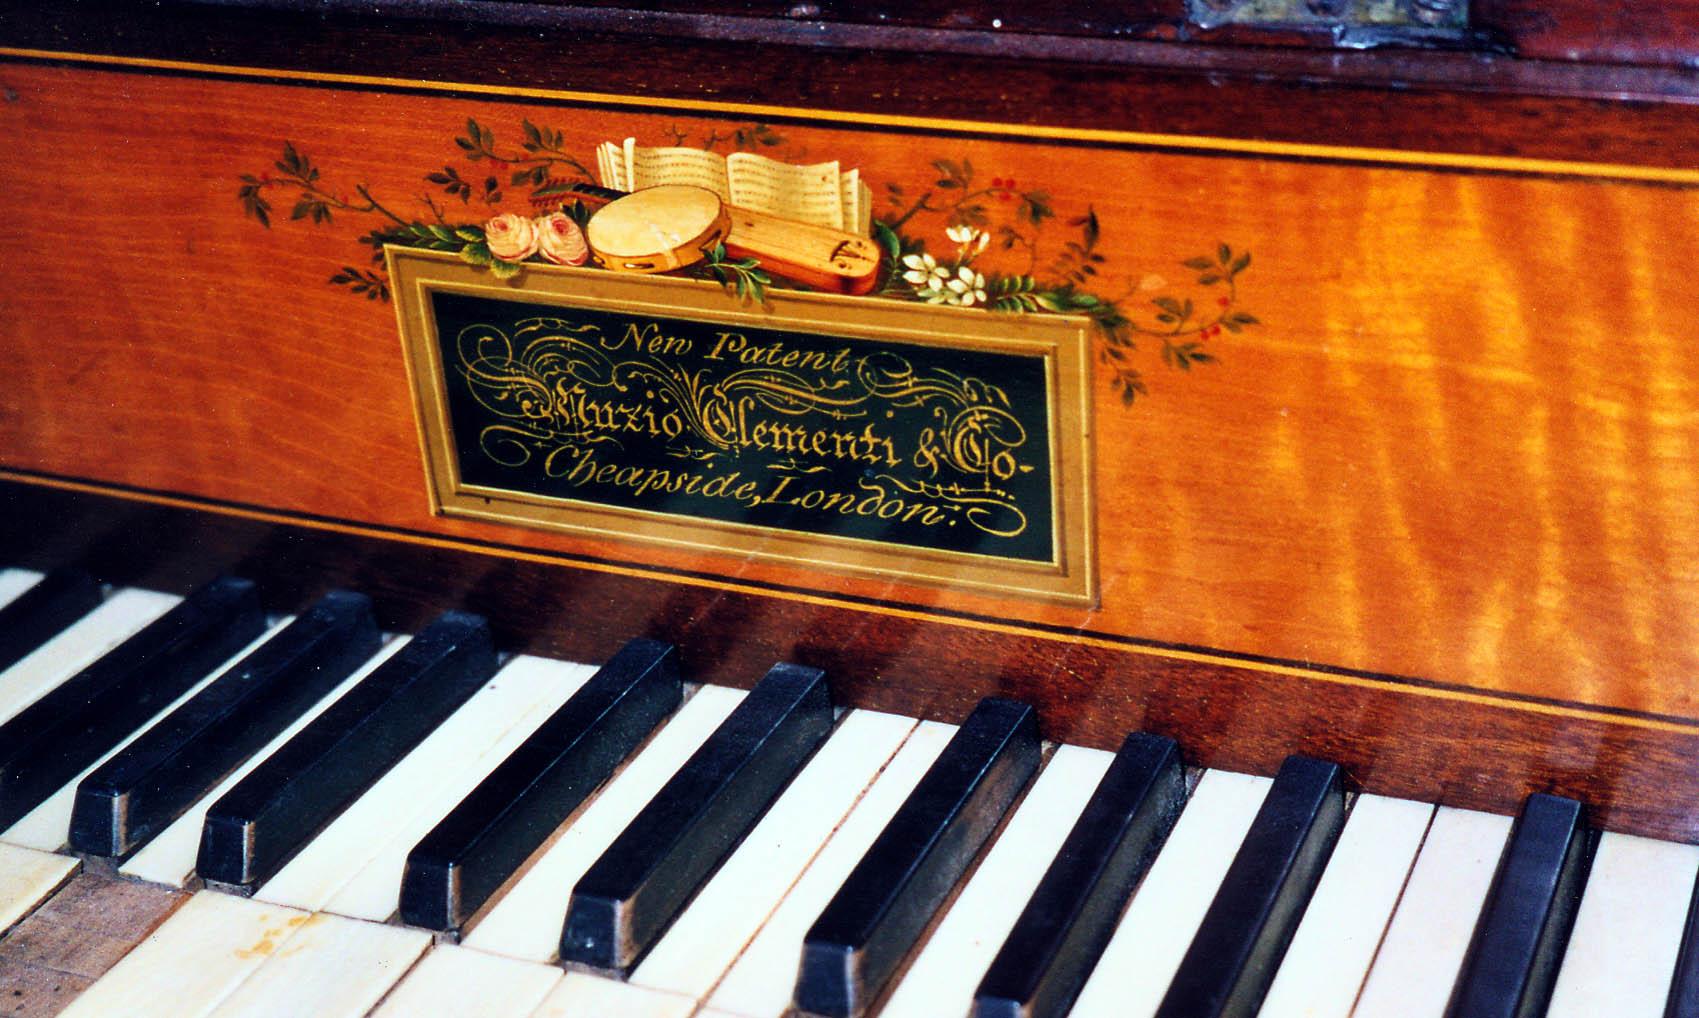 Hackett Label Of A Clementi Pianoforte C 1812